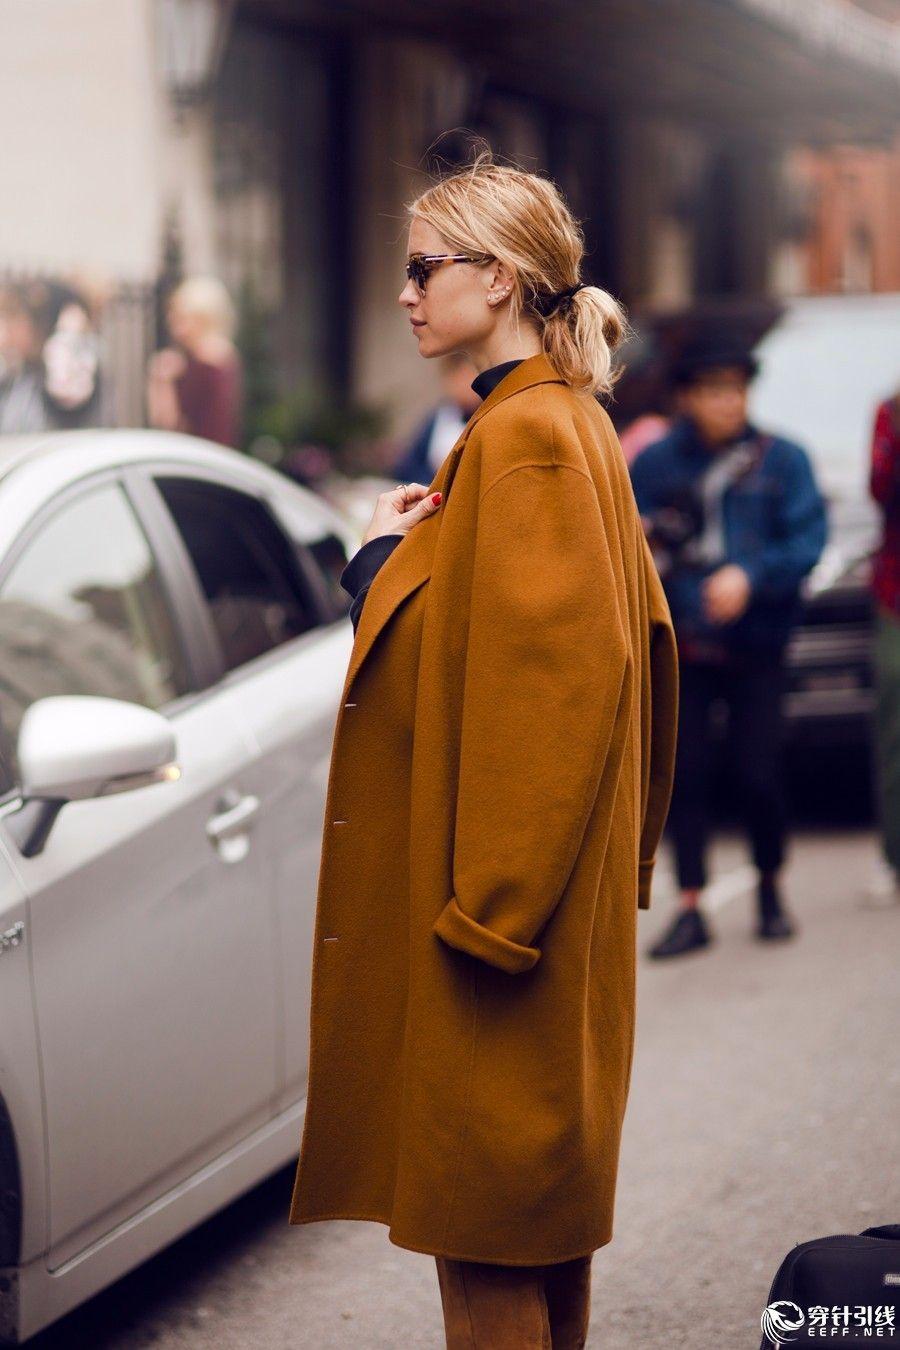 【新提醒】一件驼色大衣,hold住整个冬天! - 实拍街拍 - 穿针引线服装论坛